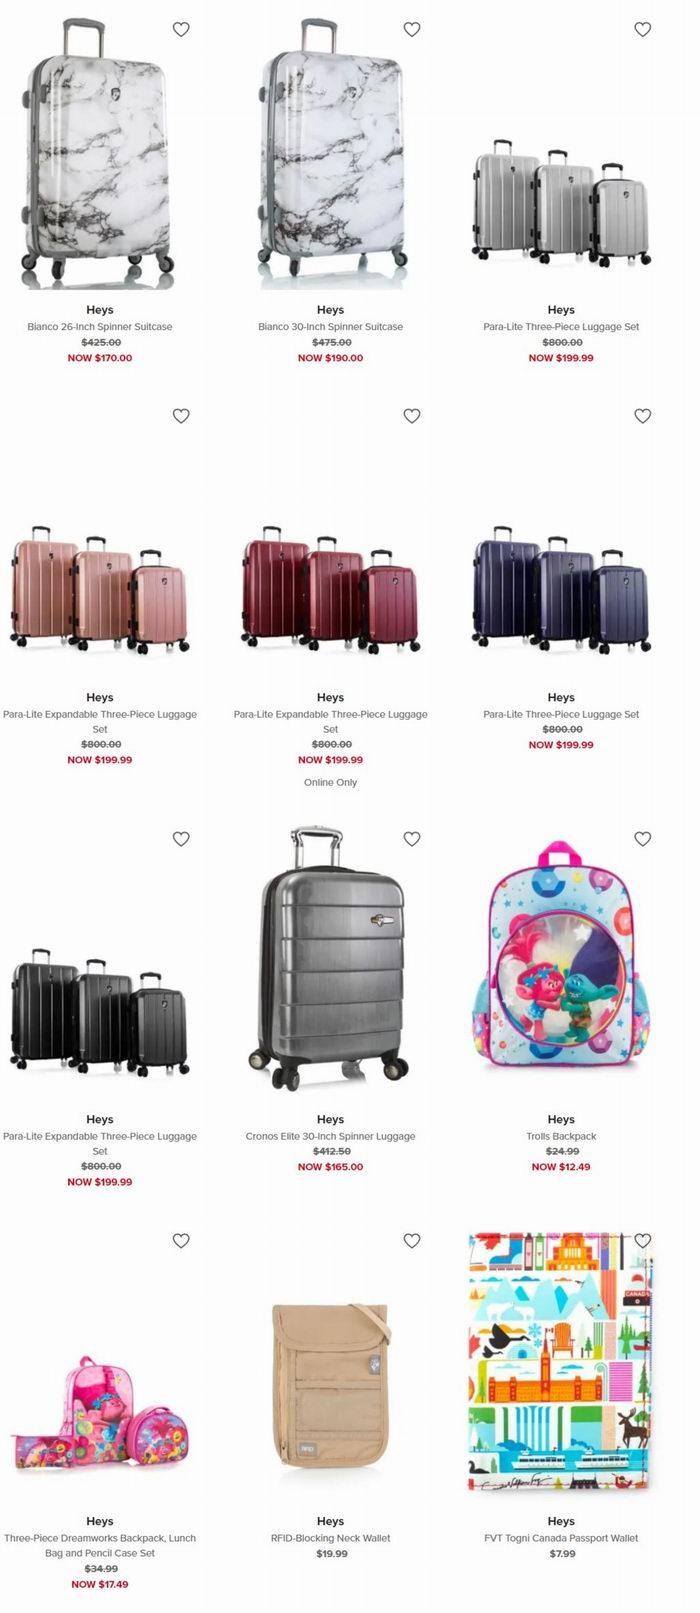 精选 Heys 拉杆箱行李箱 三件套 199.99加元(多色可选),原价 800加元,包邮